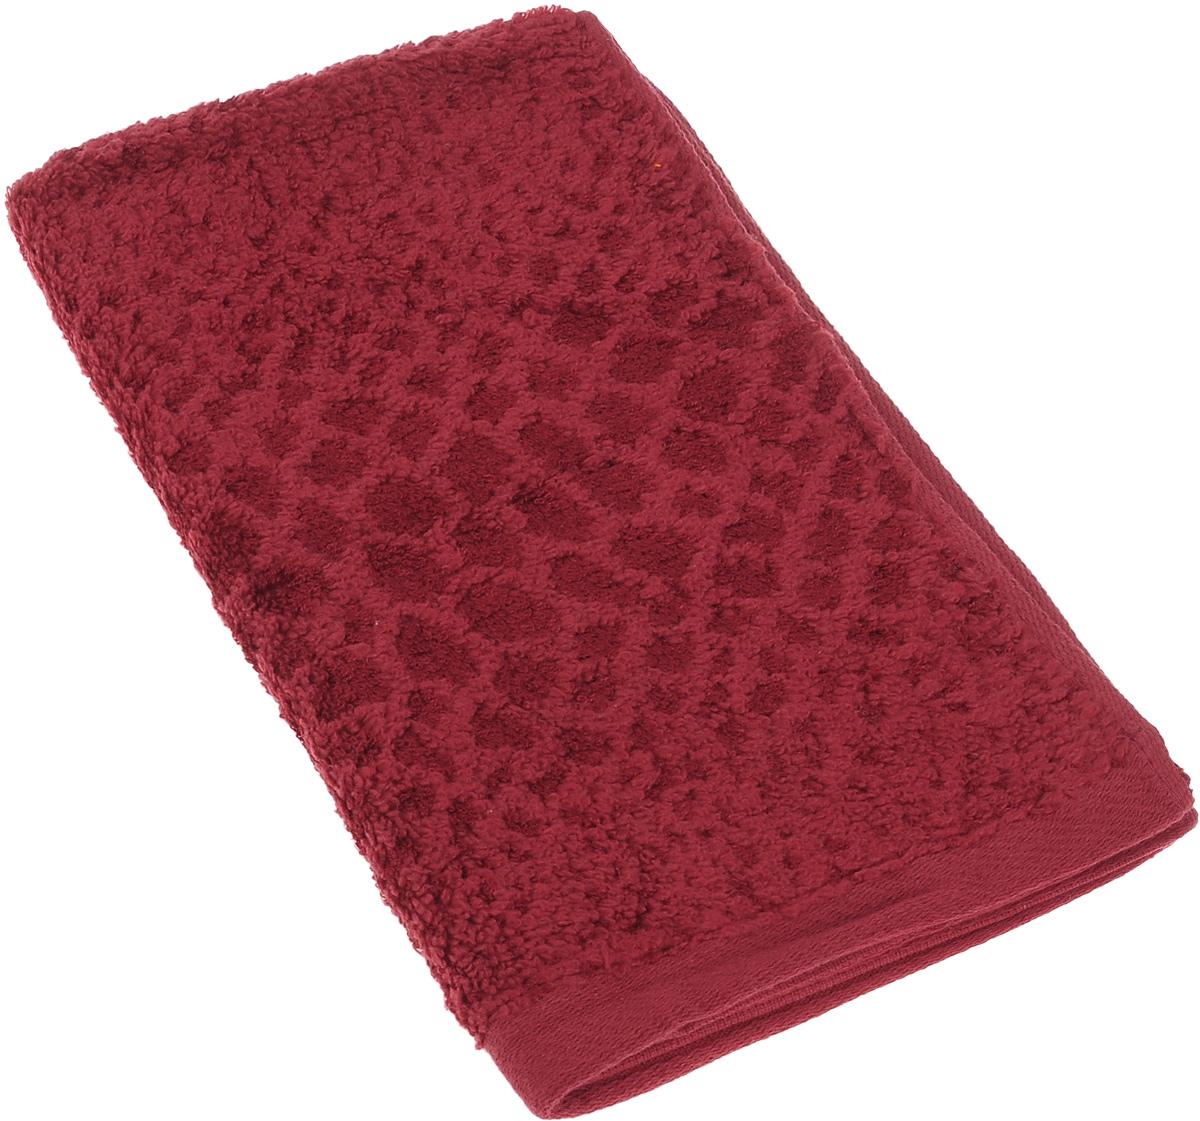 Полотенце Soavita Serval, цвет: темно-красный, 30 х 50 см12245Полотенце Soavita Serval выполнено из 50% хлопка и 50% бамбука. Изделие отлично впитывает влагу, быстро сохнет, сохраняет яркость цвета и не теряет форму даже после многократных стирок. Полотенце очень практично и неприхотливо в уходе. Оно создаст прекрасное настроение и украсит интерьер в ванной комнате.